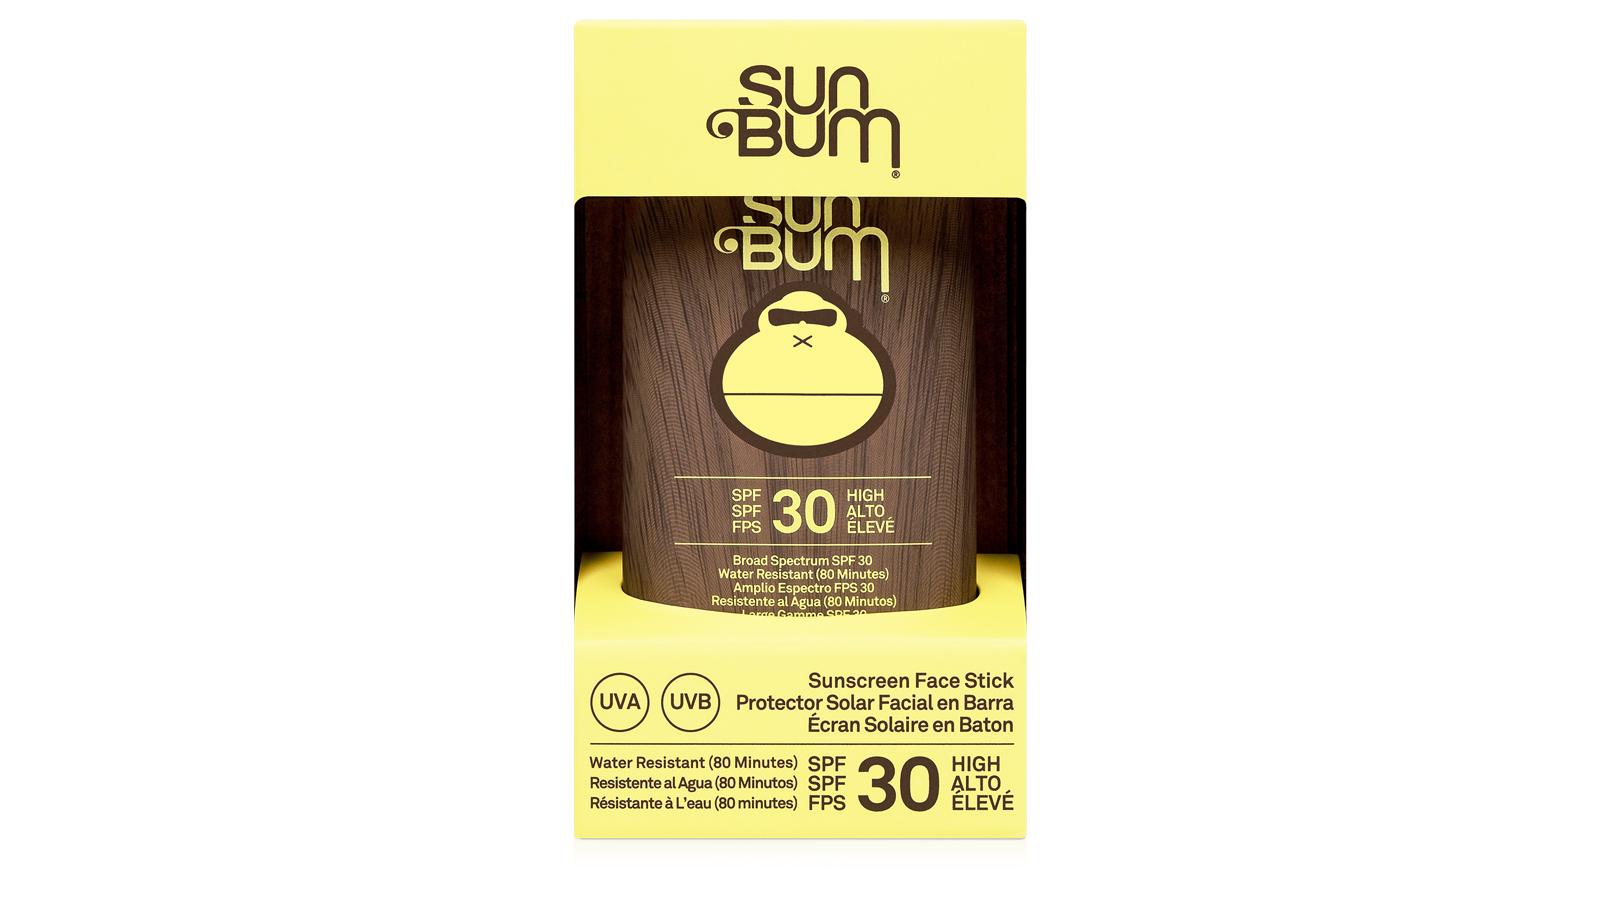 Sunscreen Face Stick